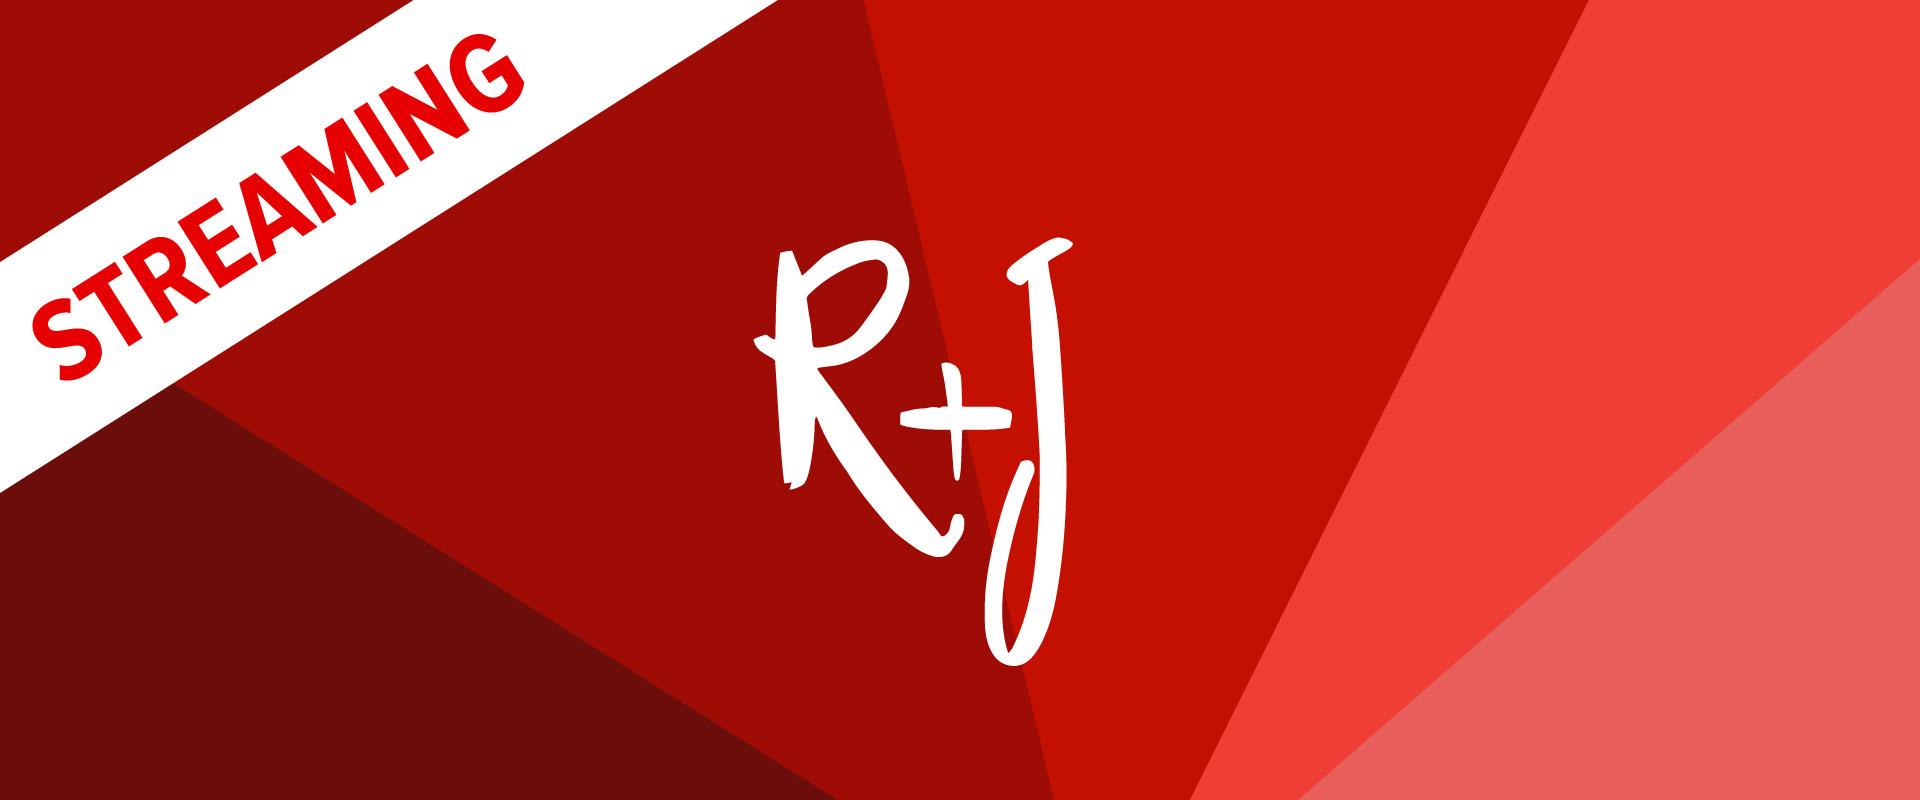 Wordmark image of R + J